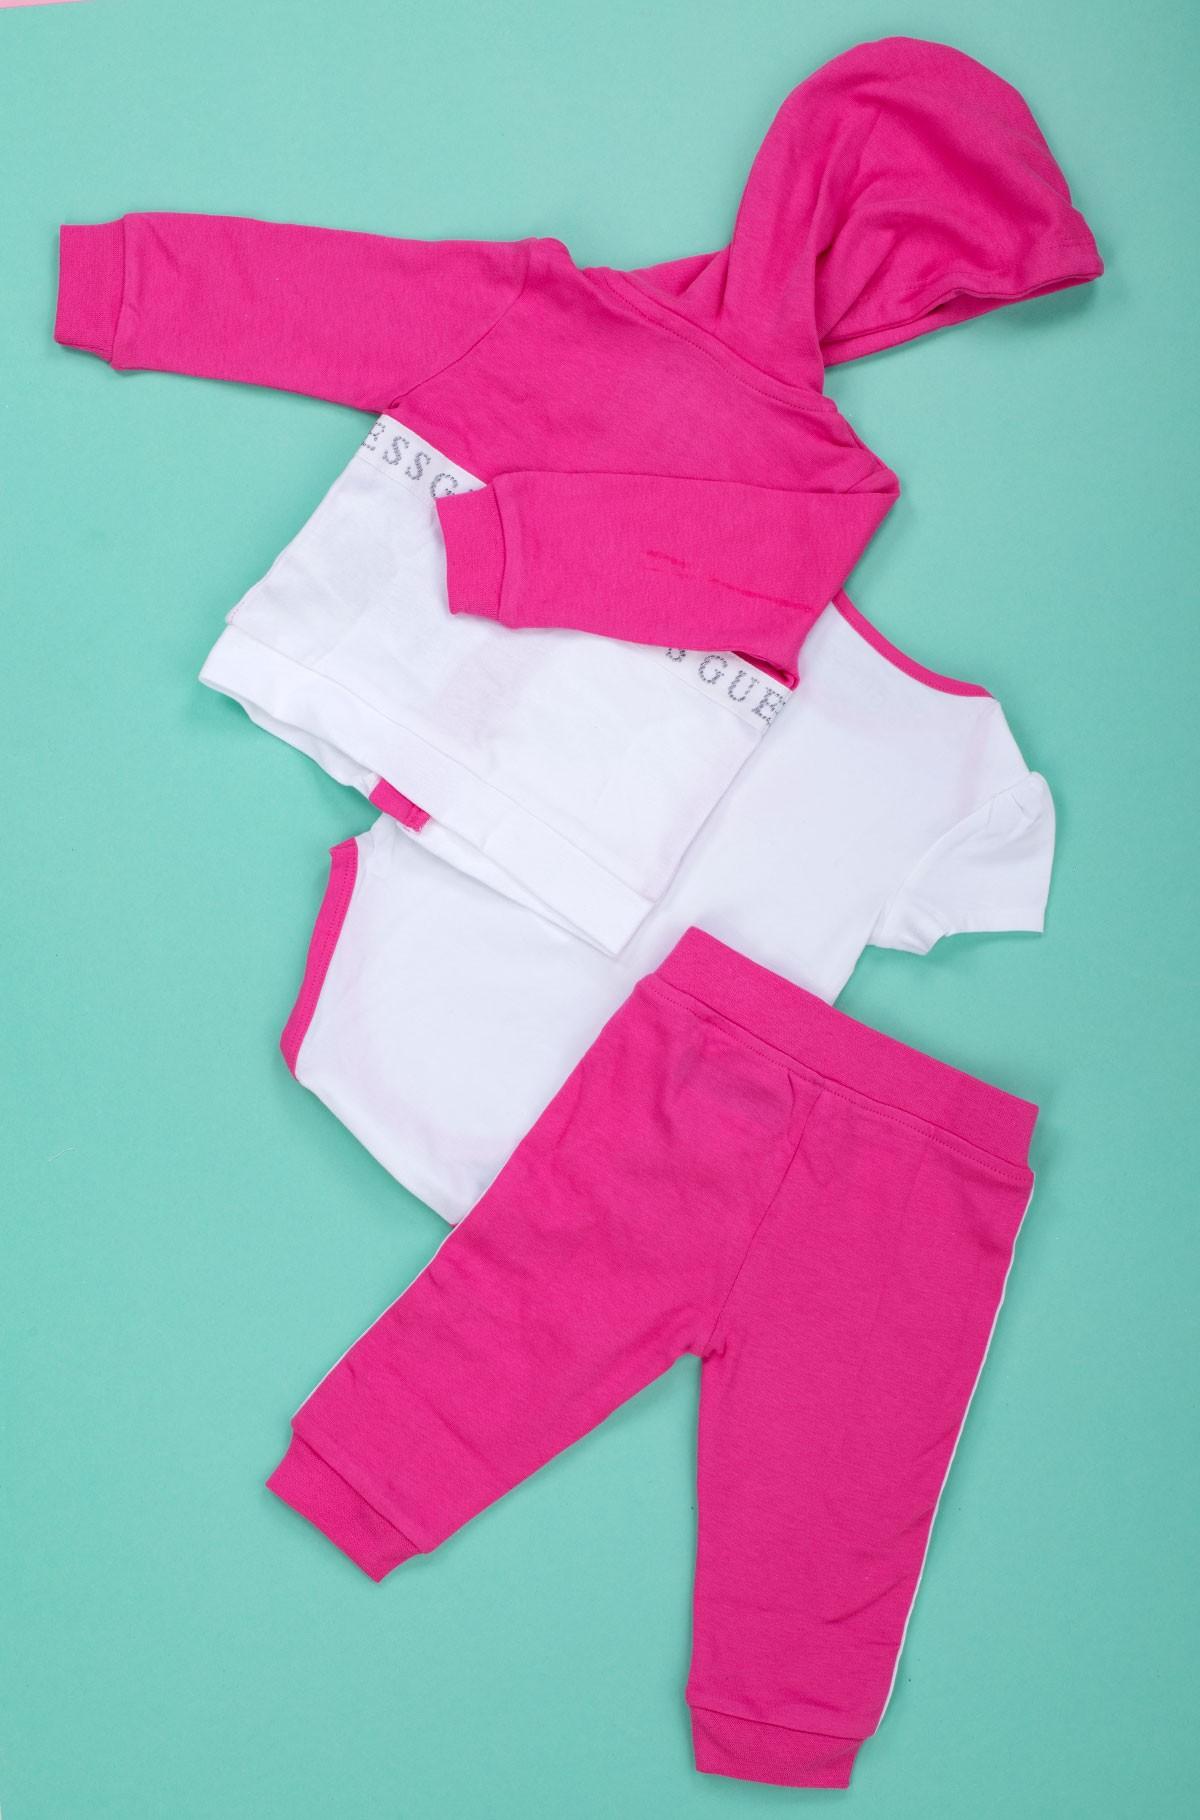 Children's body set S1RG02 KA6W0-full-2